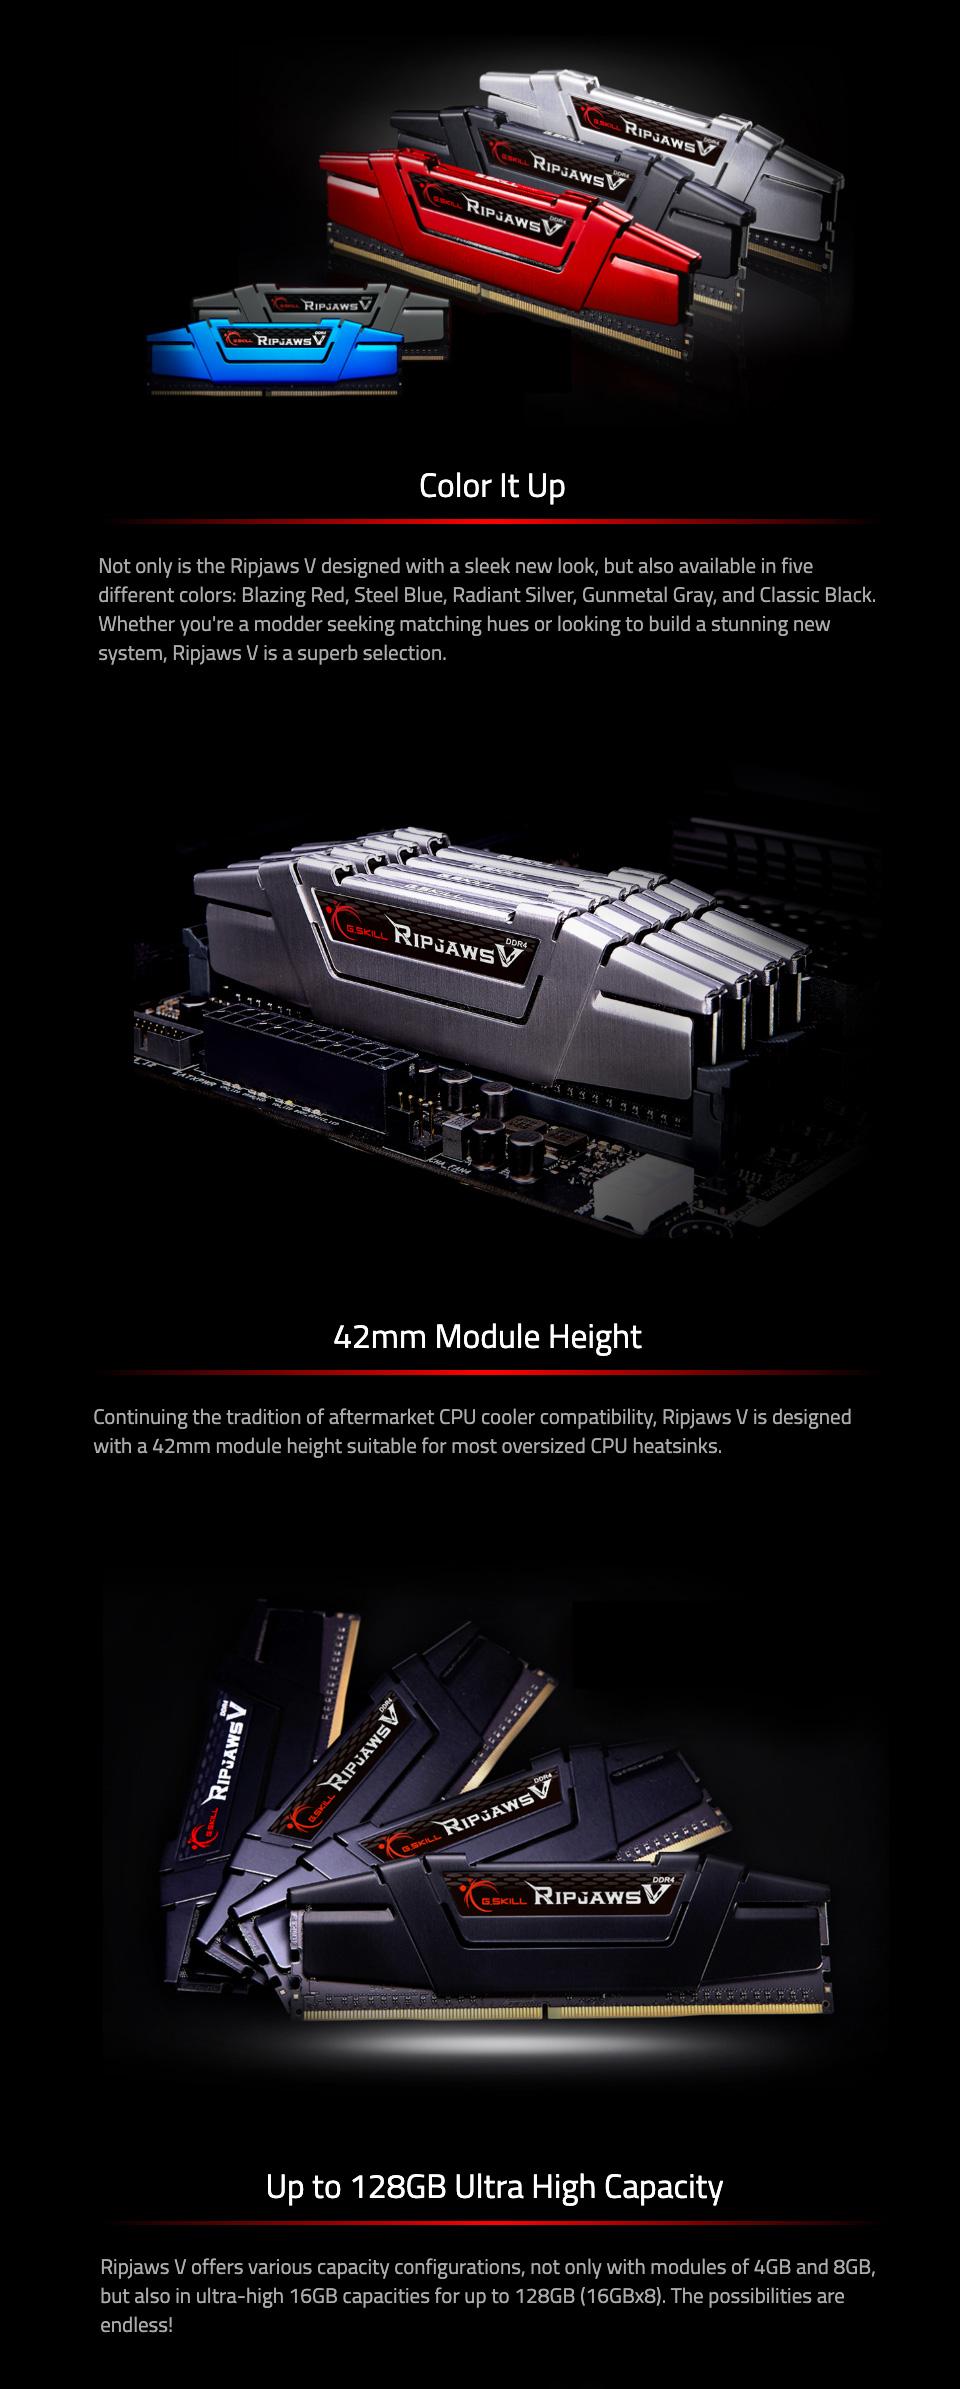 G.Skill Ripjaws V F4-4000C18Q-32GVK 32GB (4x8GB) DDR4 features 2